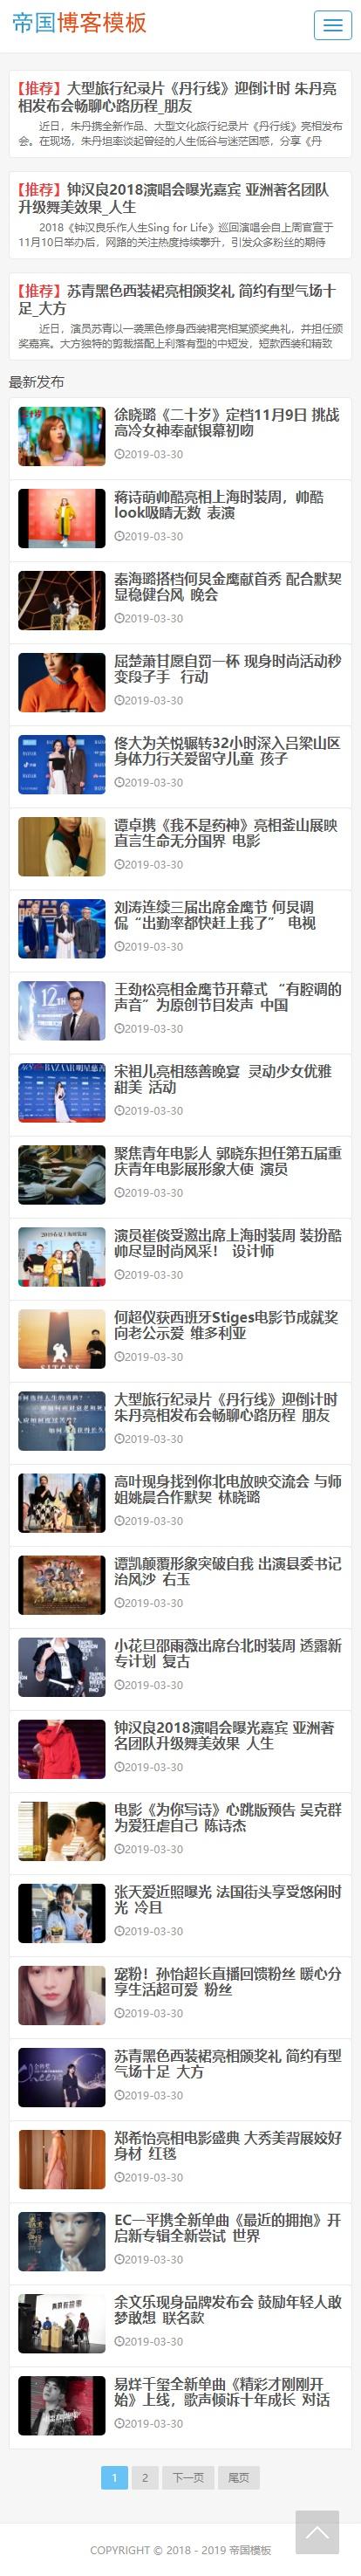 帝国cms博客模板之自适应响应式手机新闻资讯文章自媒体类通用网站模板_手机版首页